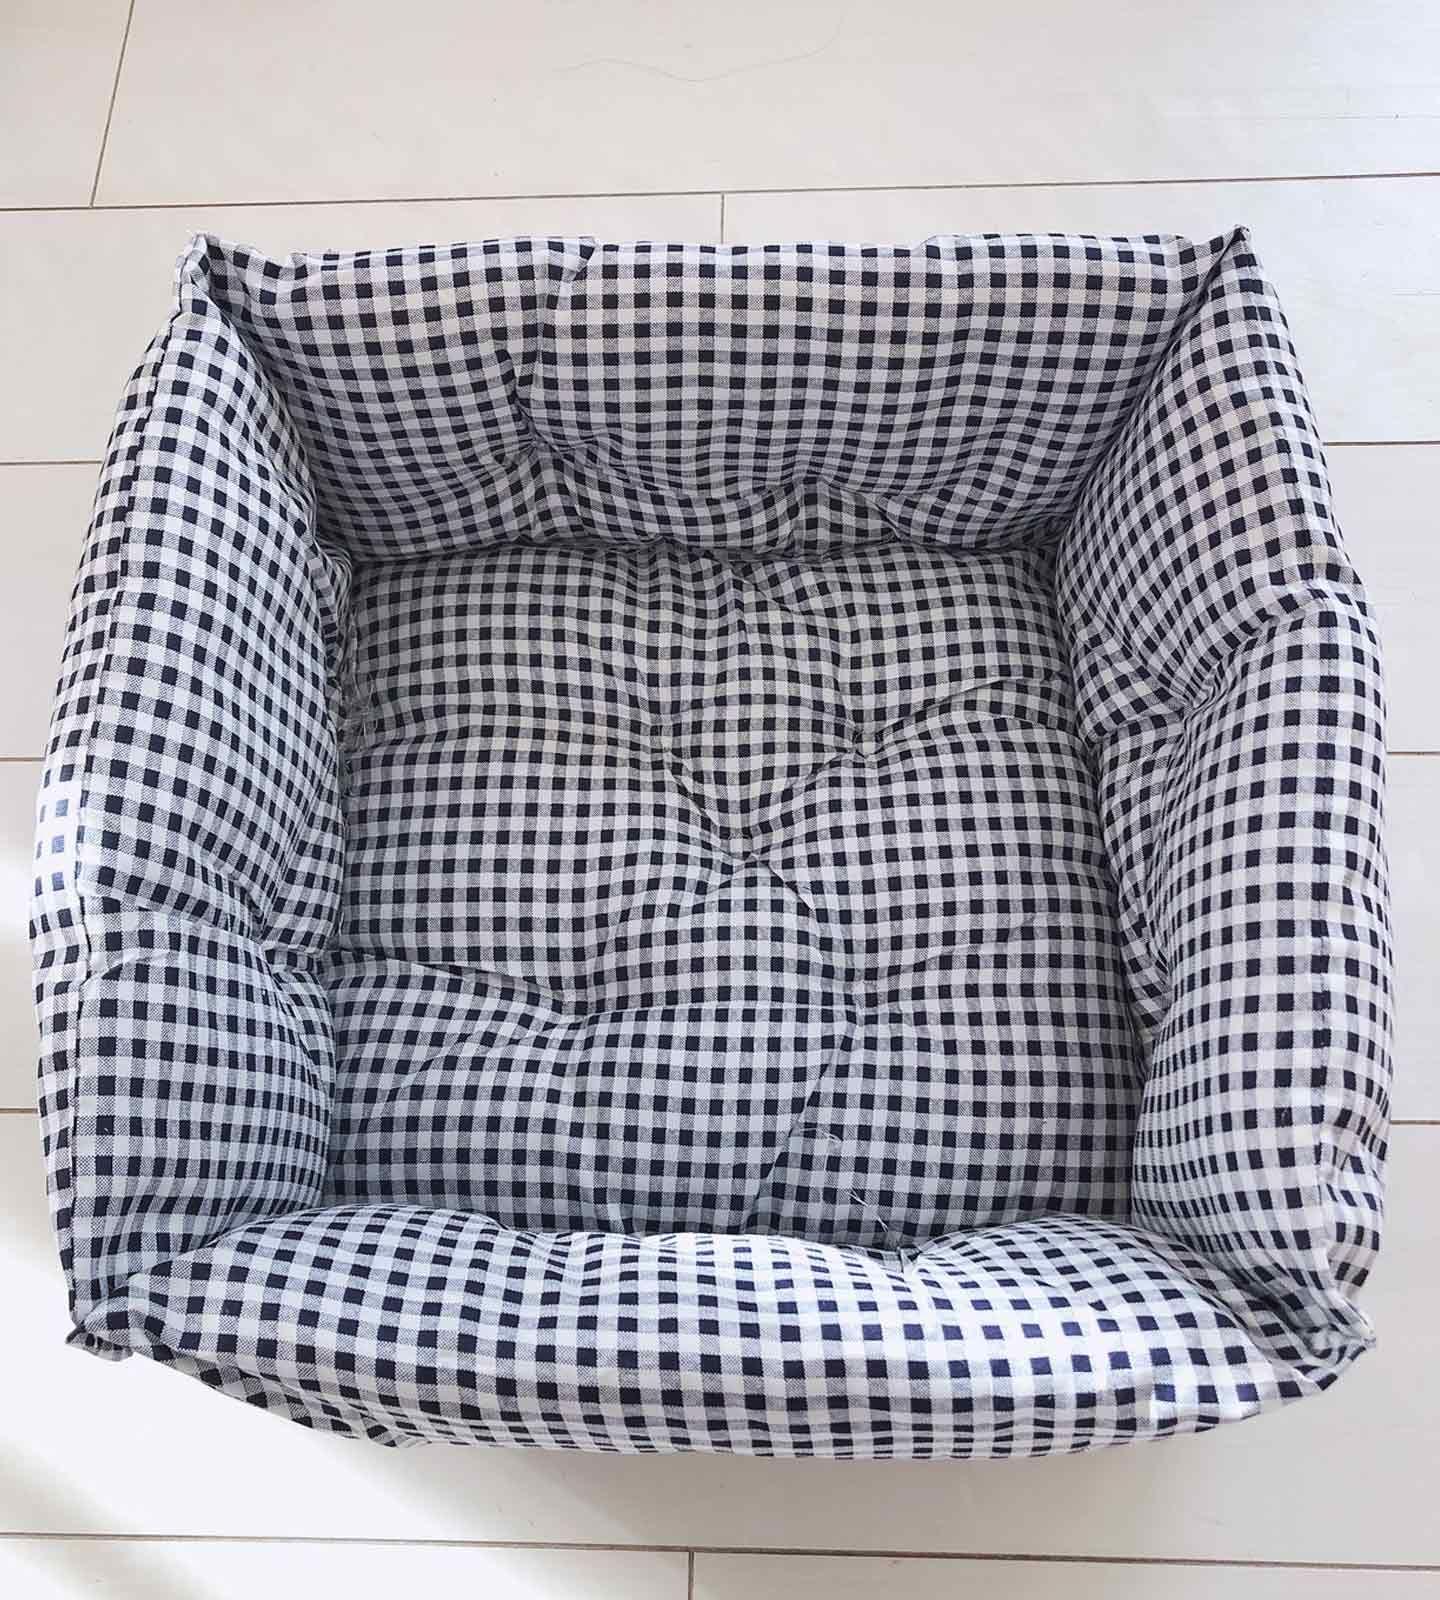 簡単手縫いリメイク 100均の座布団3つだけで愛犬用ベッドを手作りする方法 わんこと暮らすアイディア Diy 手作り犬アイテム わんクォール ペット用ベッド 座布団 犬